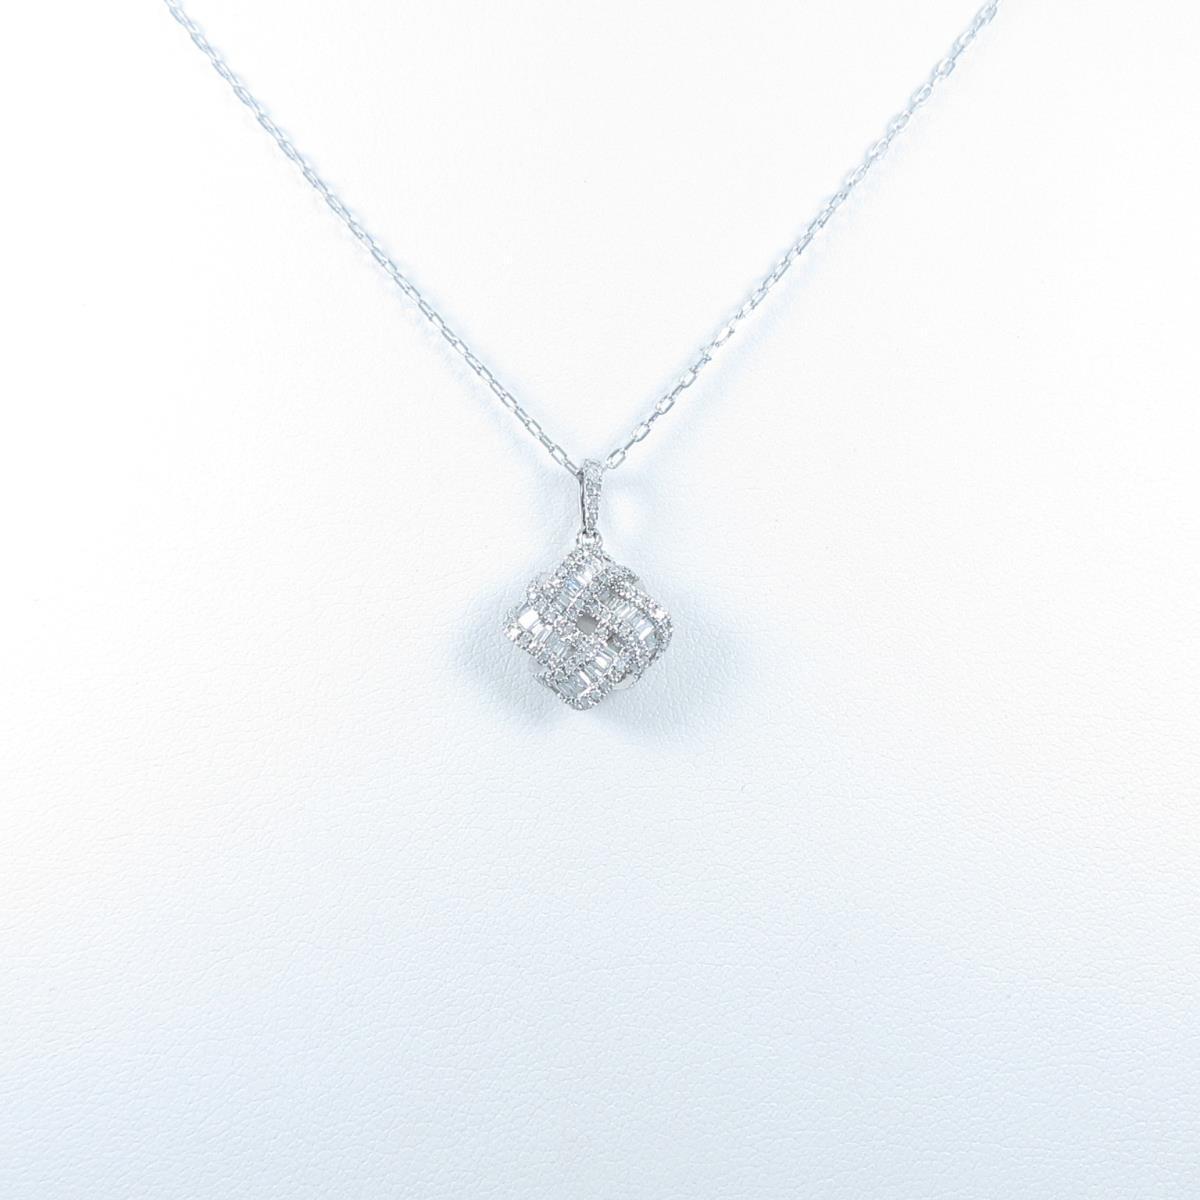 K18WG ダイヤモンドネックレス【中古】